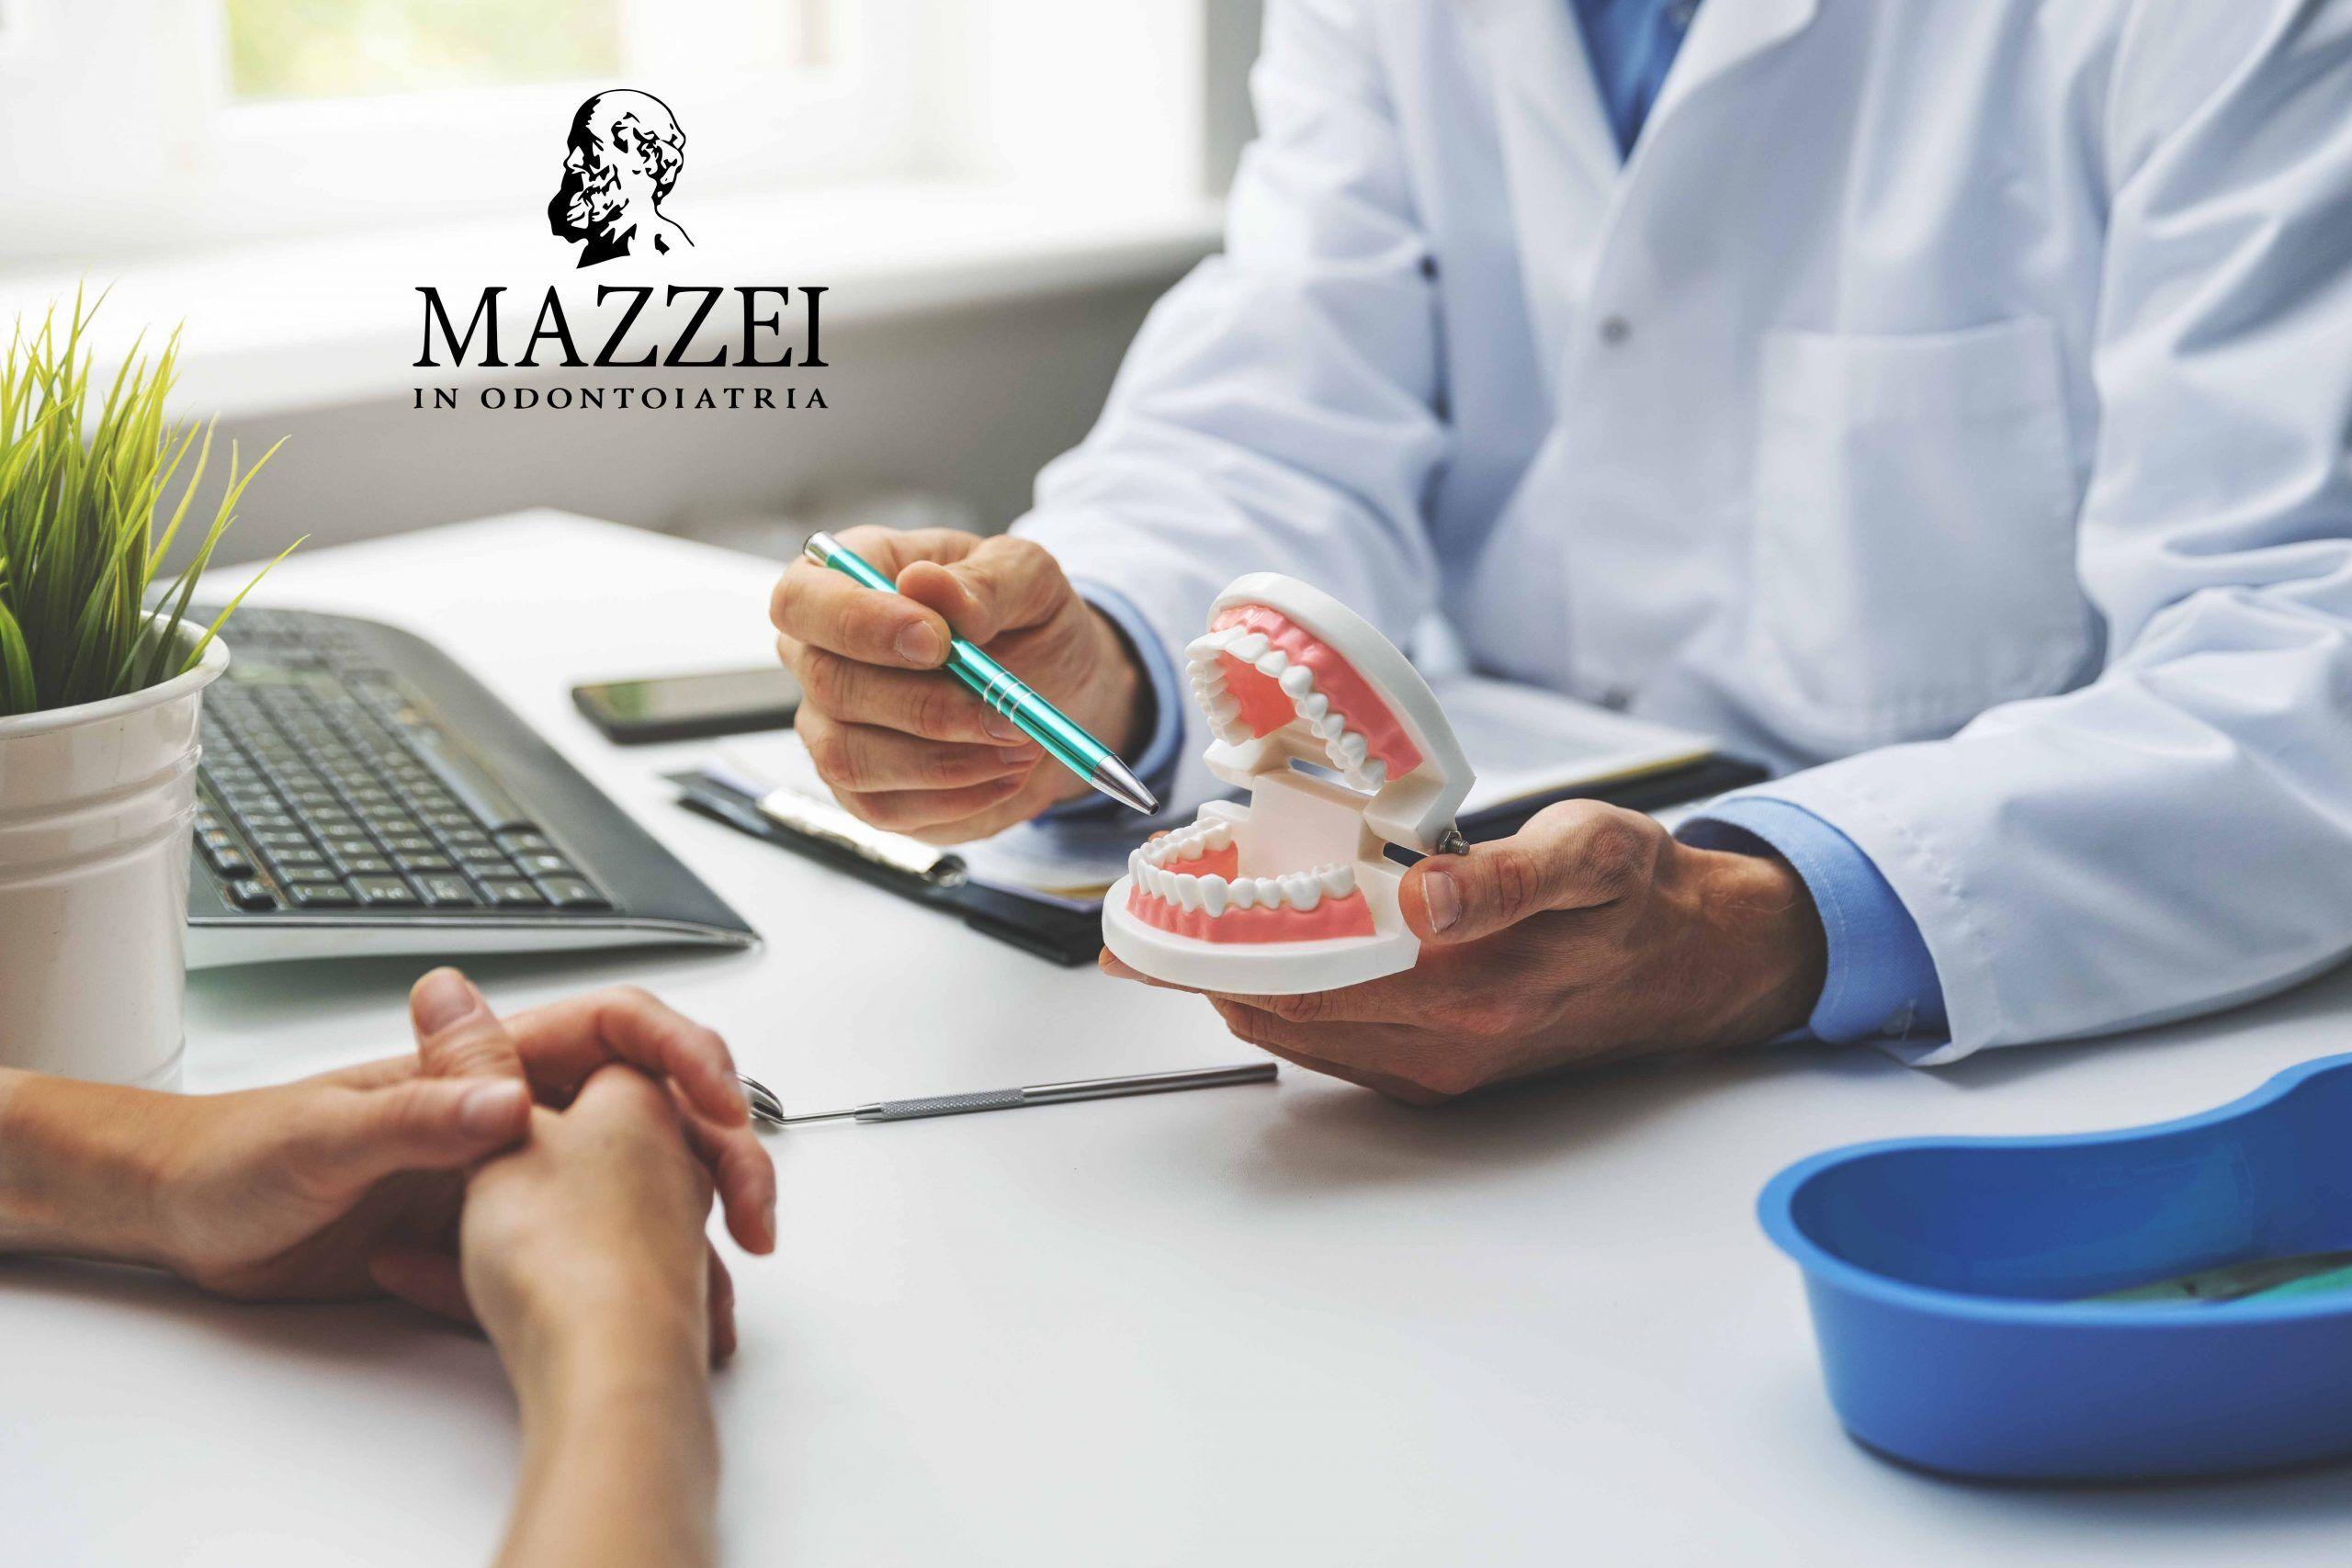 Malocclusione dentale: sintomi, cause e rimedi